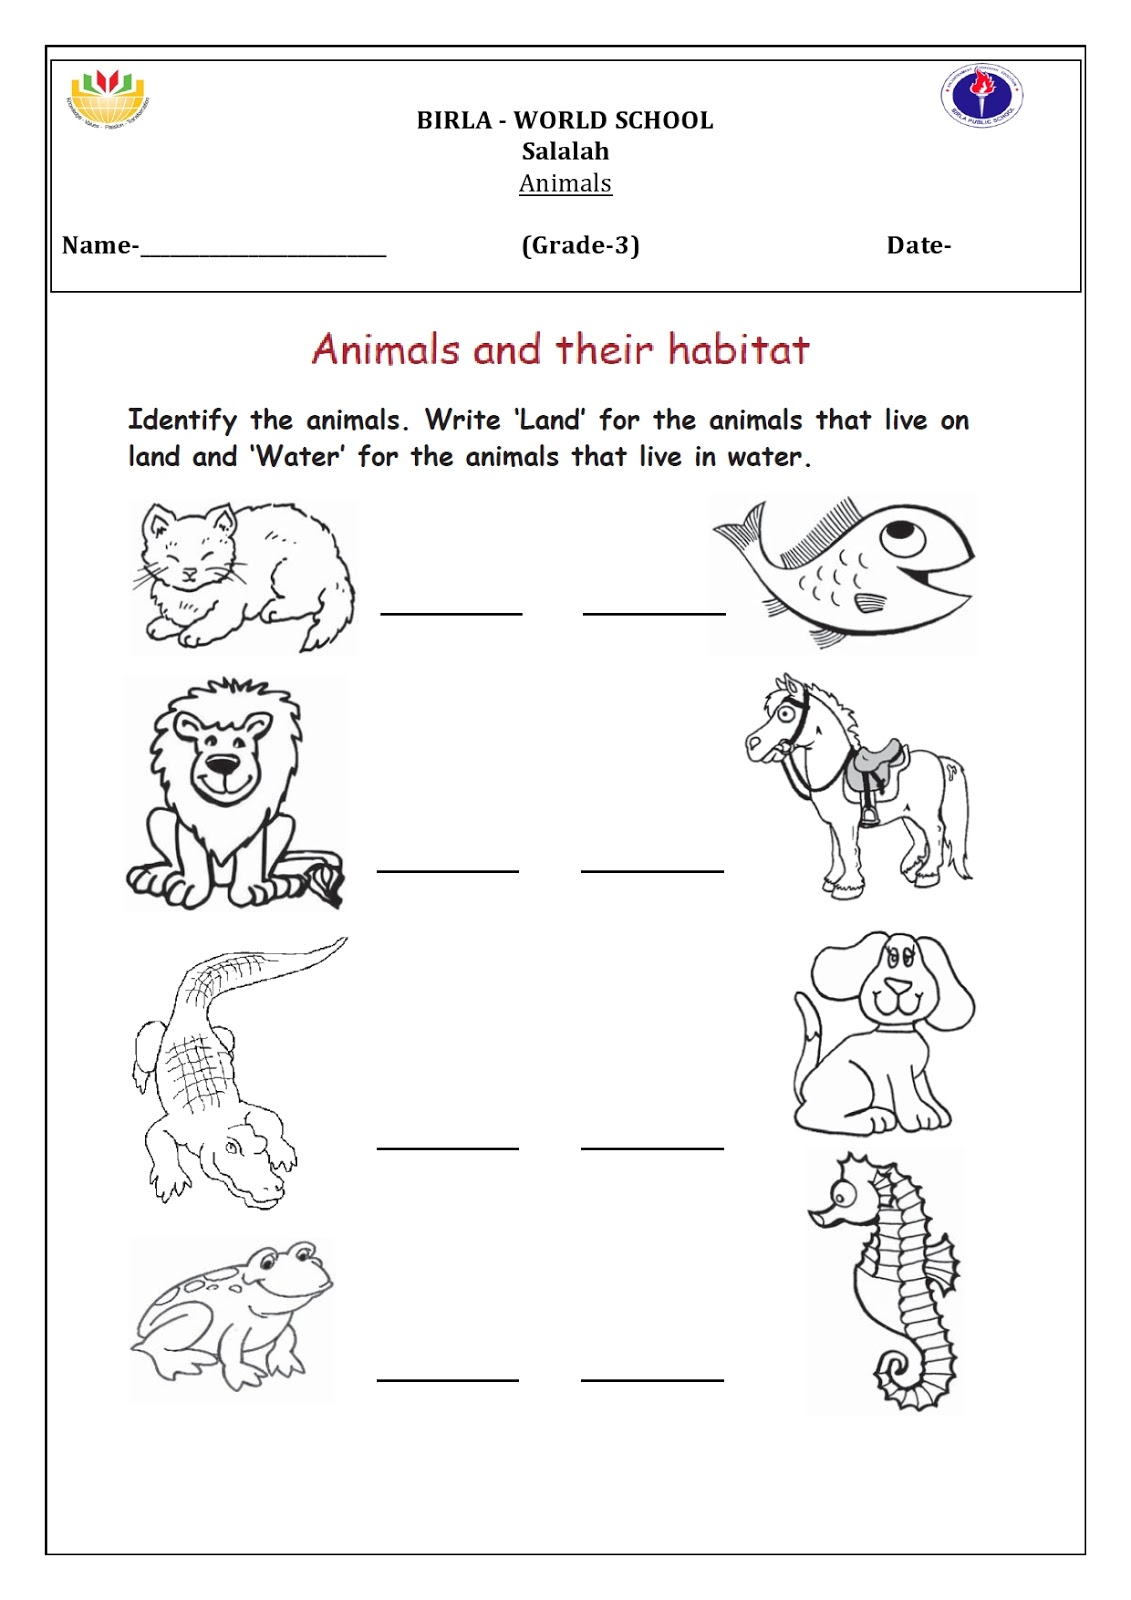 Homework help grade 3